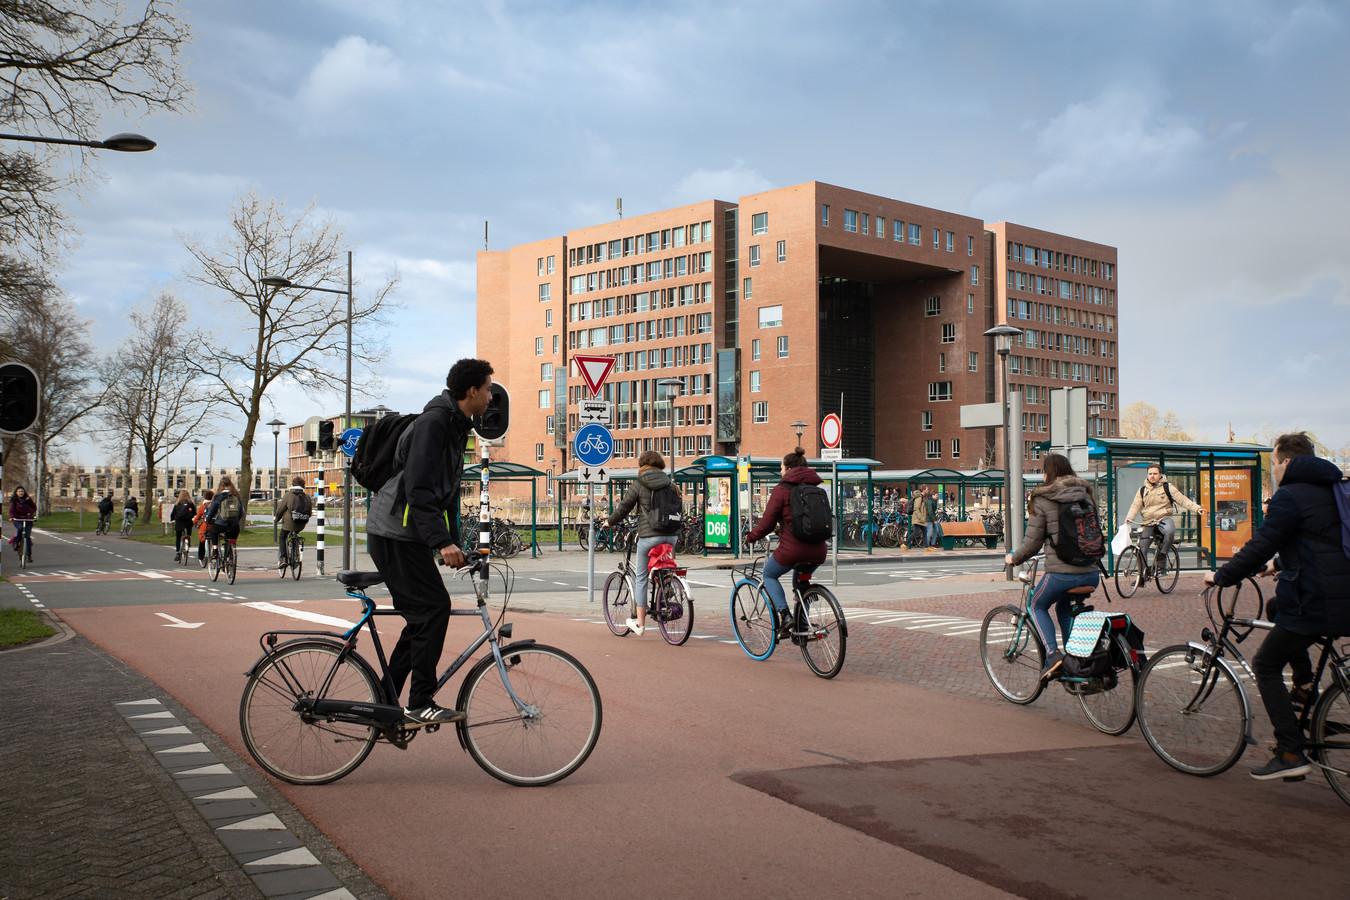 De campus van Wageningen.